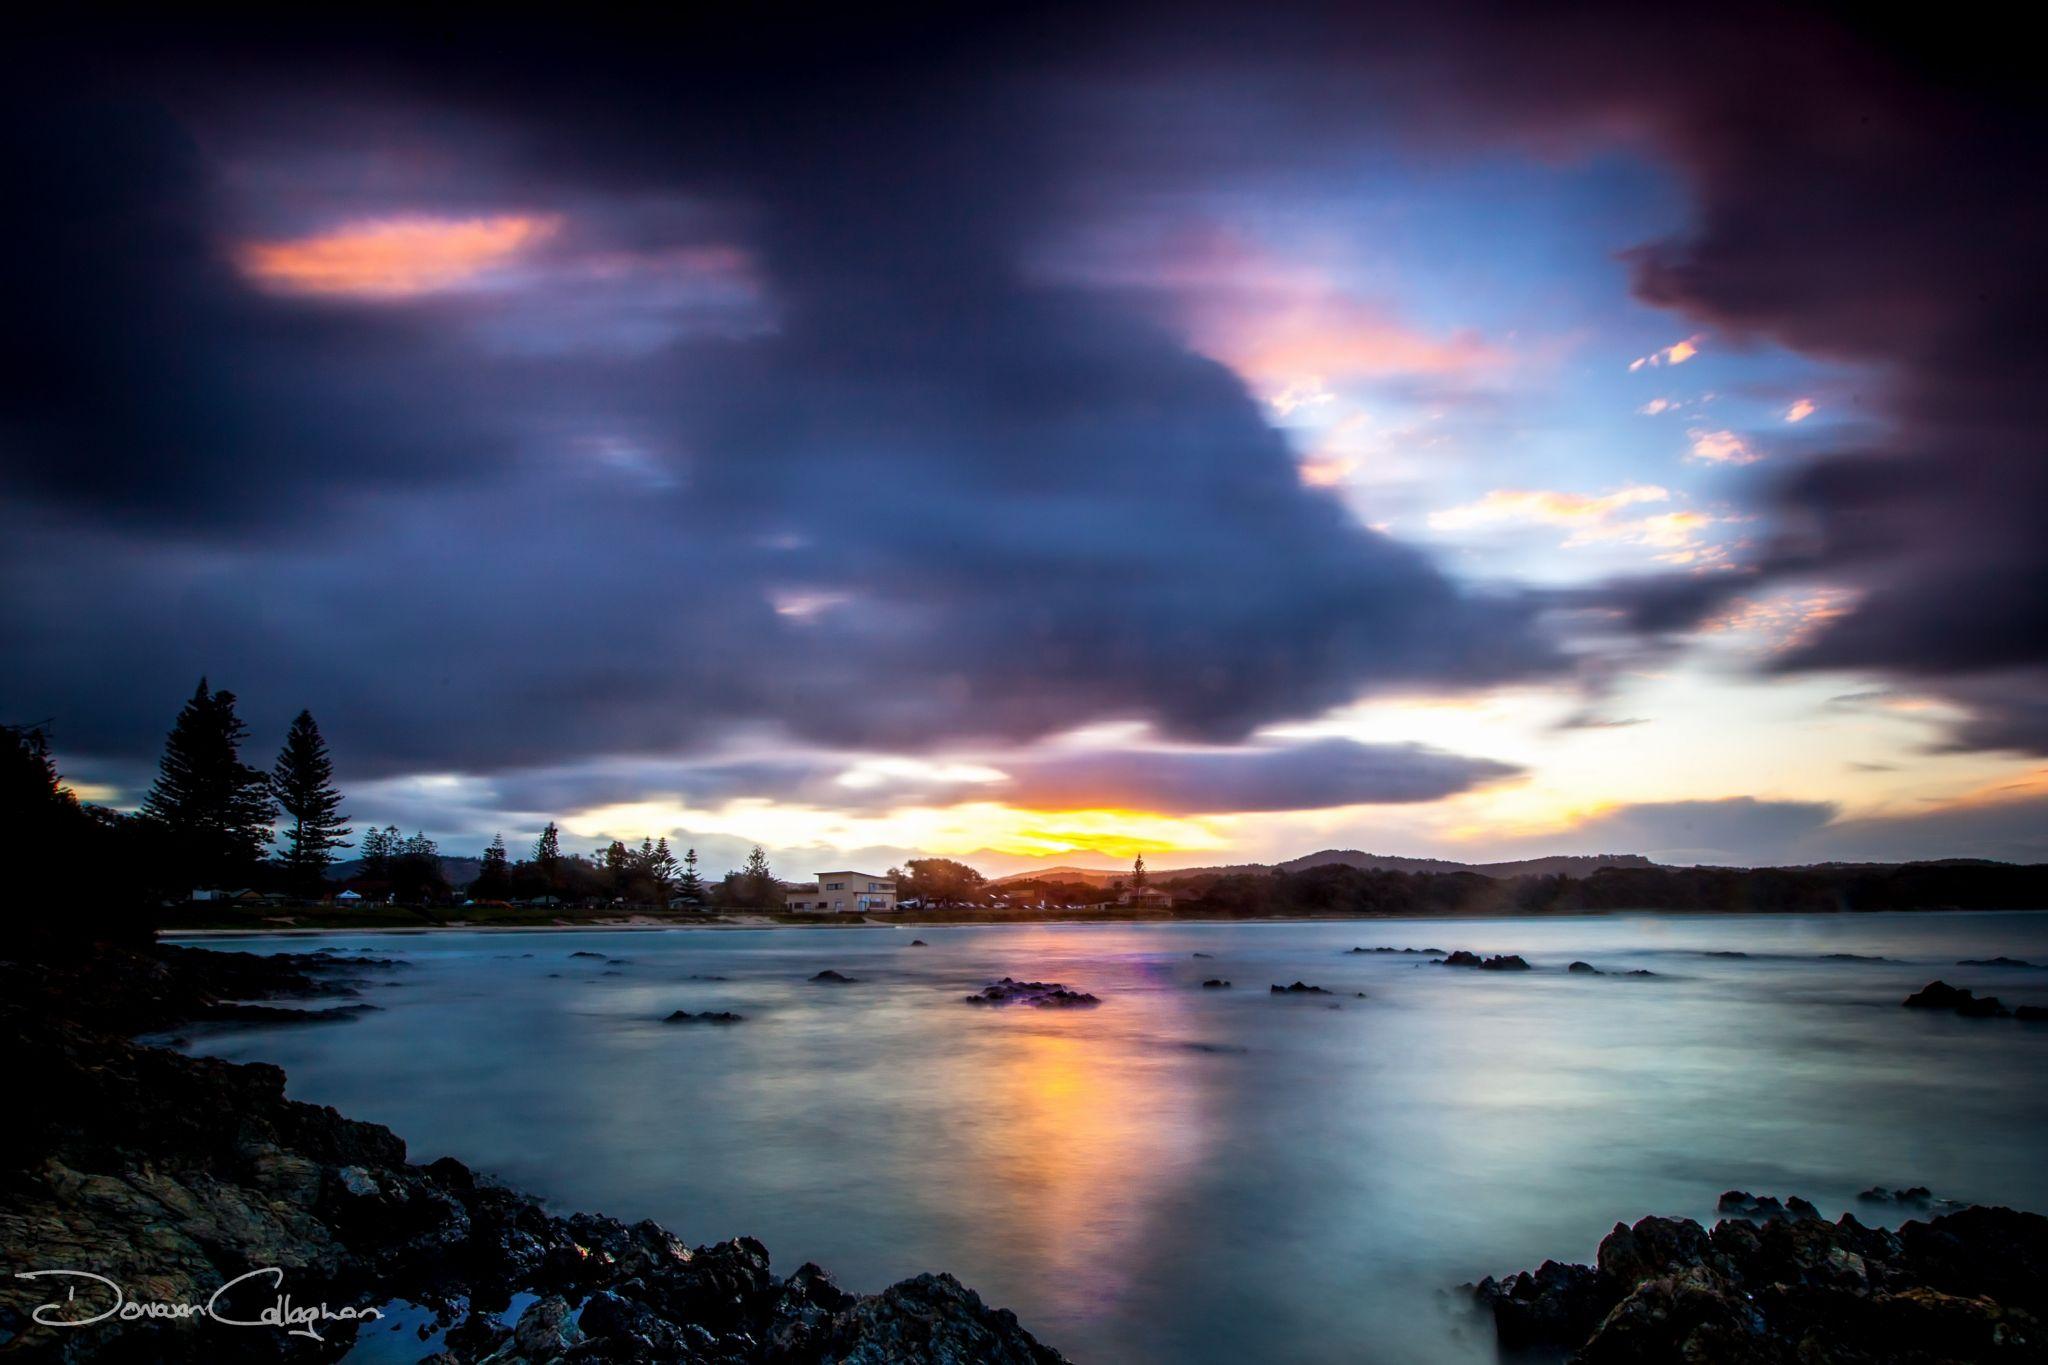 Sunset Woolgoolga North Coast New South Wales, Australia